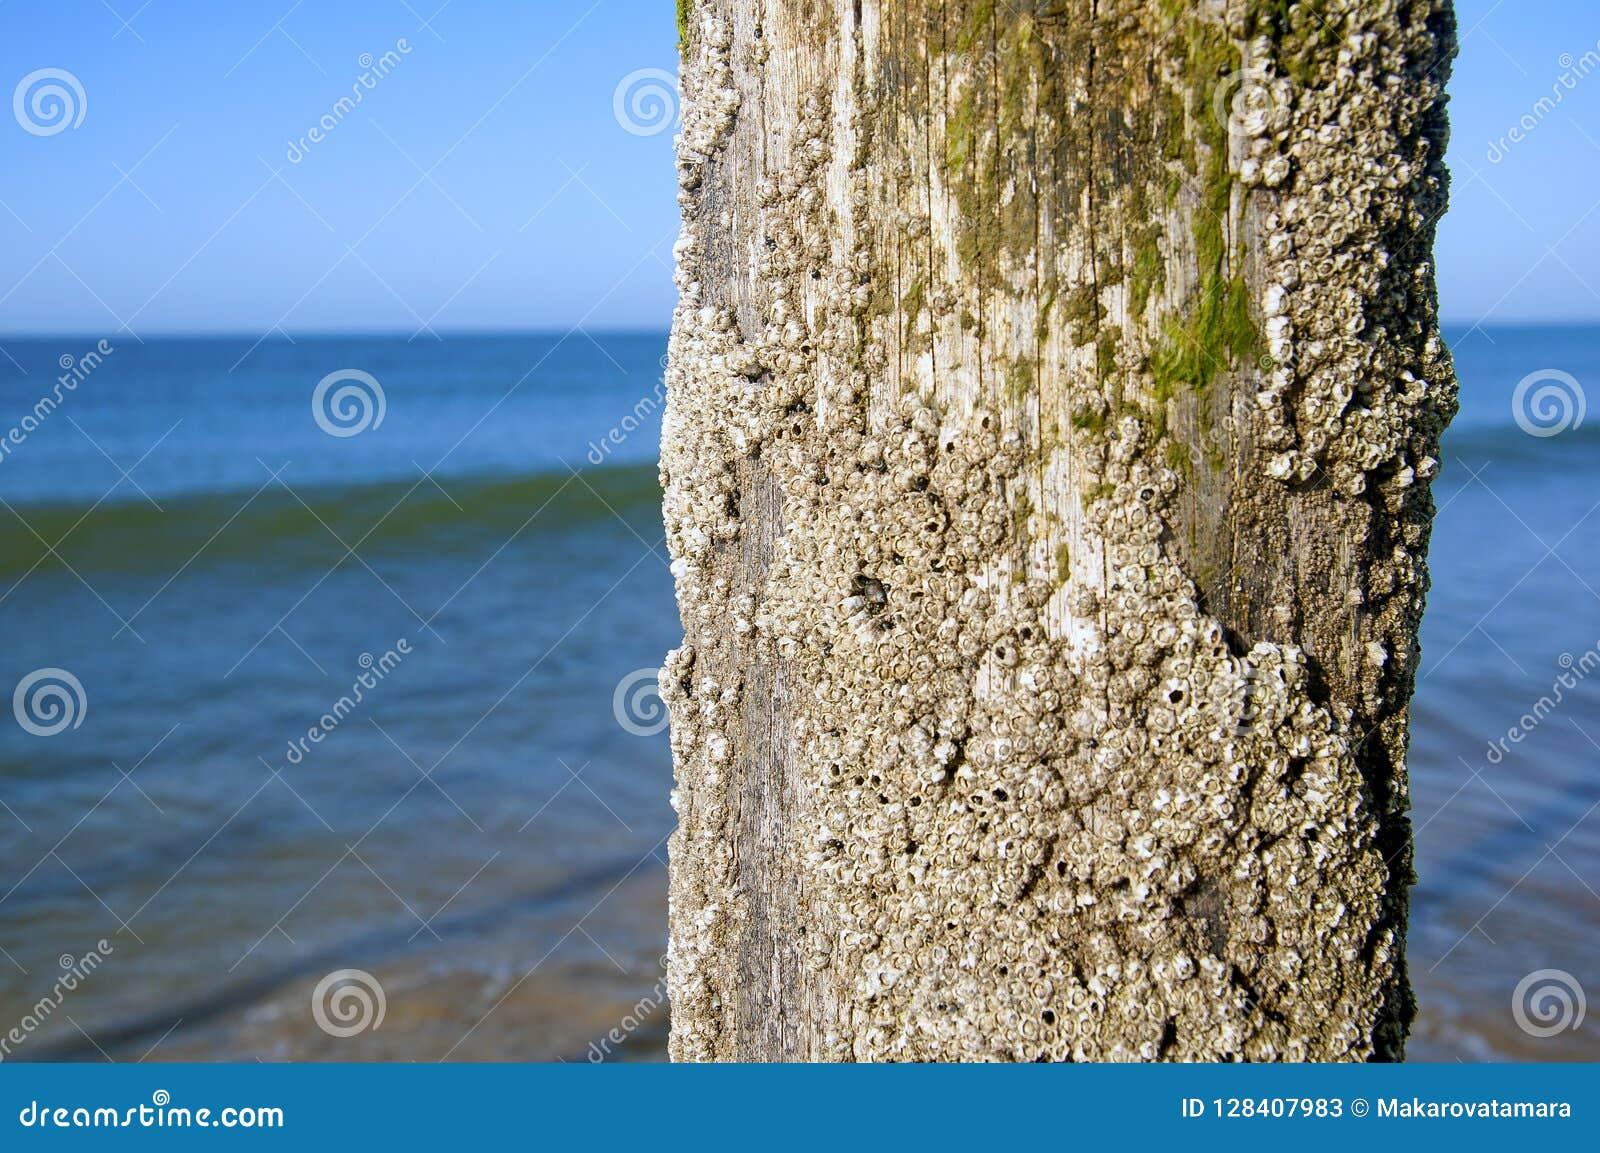 Shell a couvert le tronc dans le bord de mer